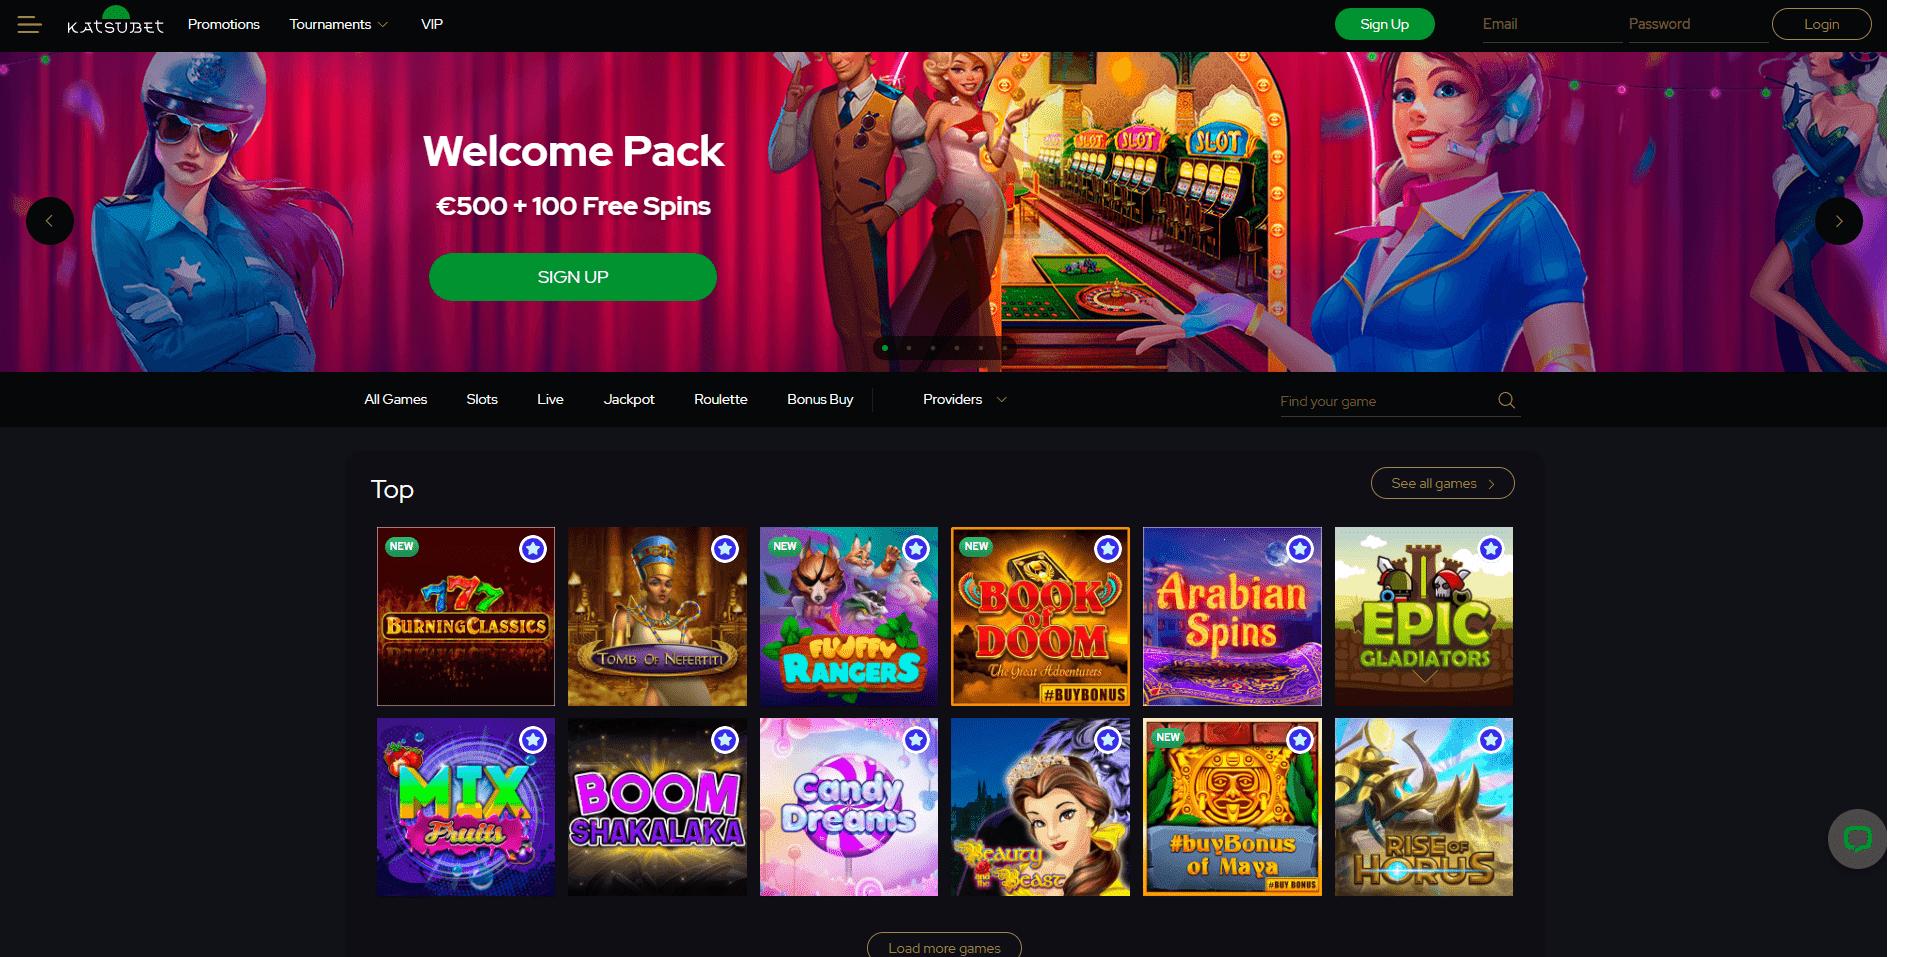 Best online casinos with free spins casino bonus slotsup 2021 online